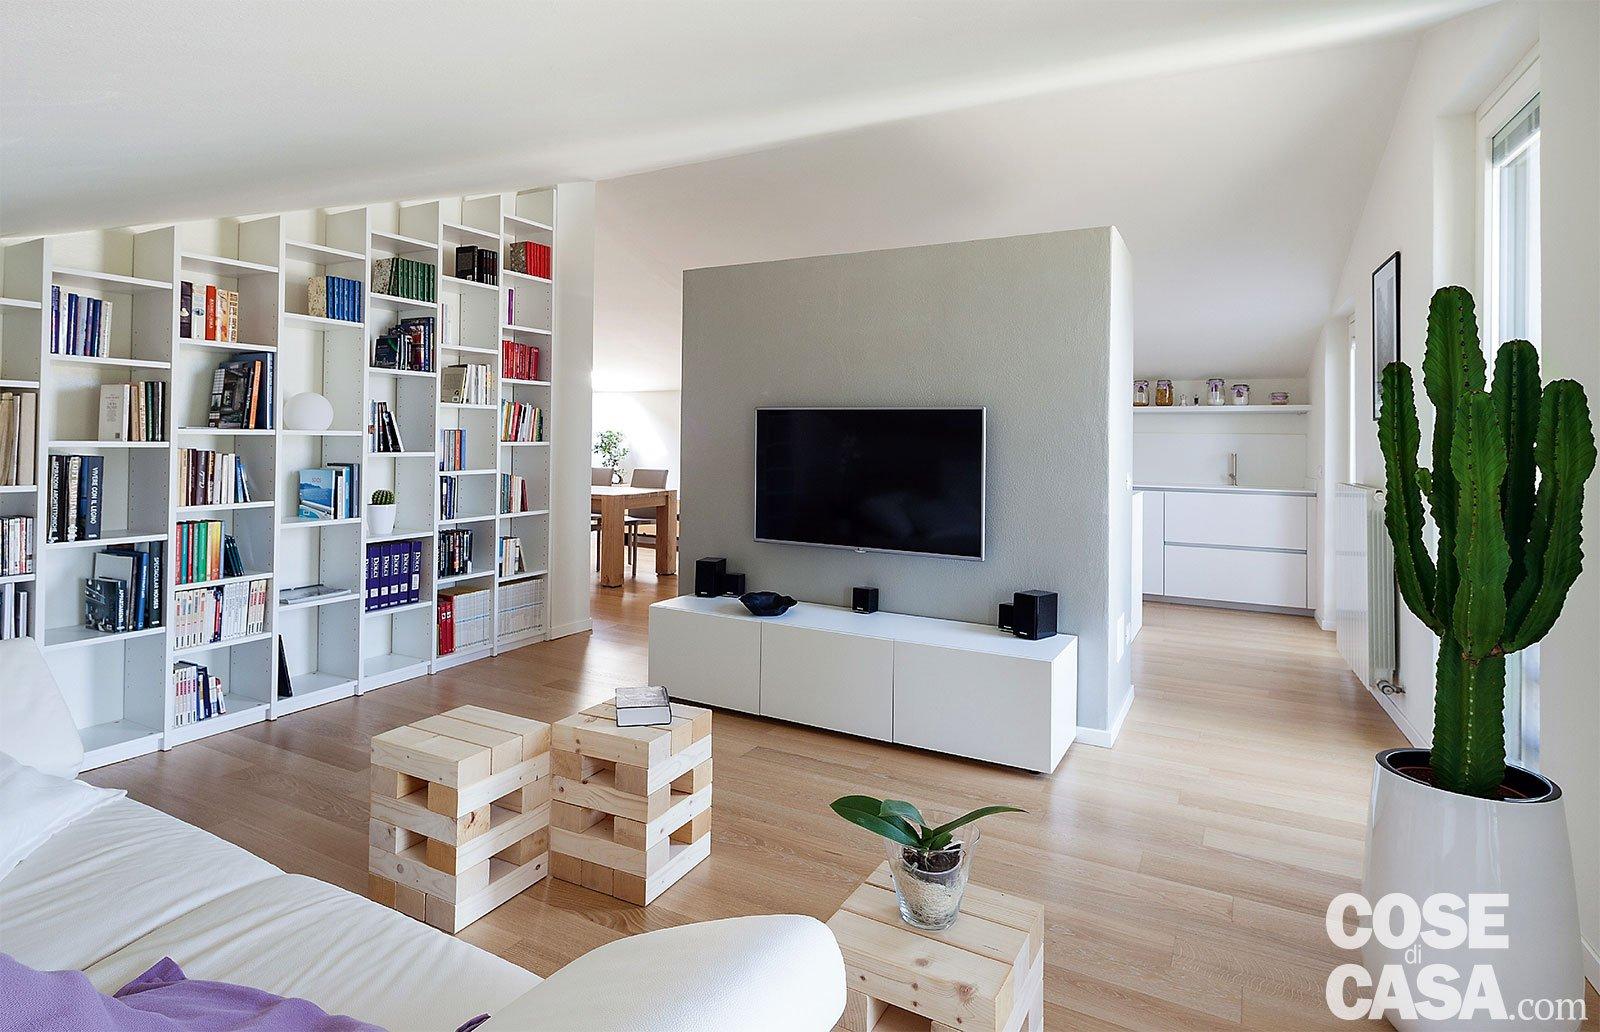 Abitare in mansarda cose di casa for Planimetrie della sala da pranzo della cucina aperta